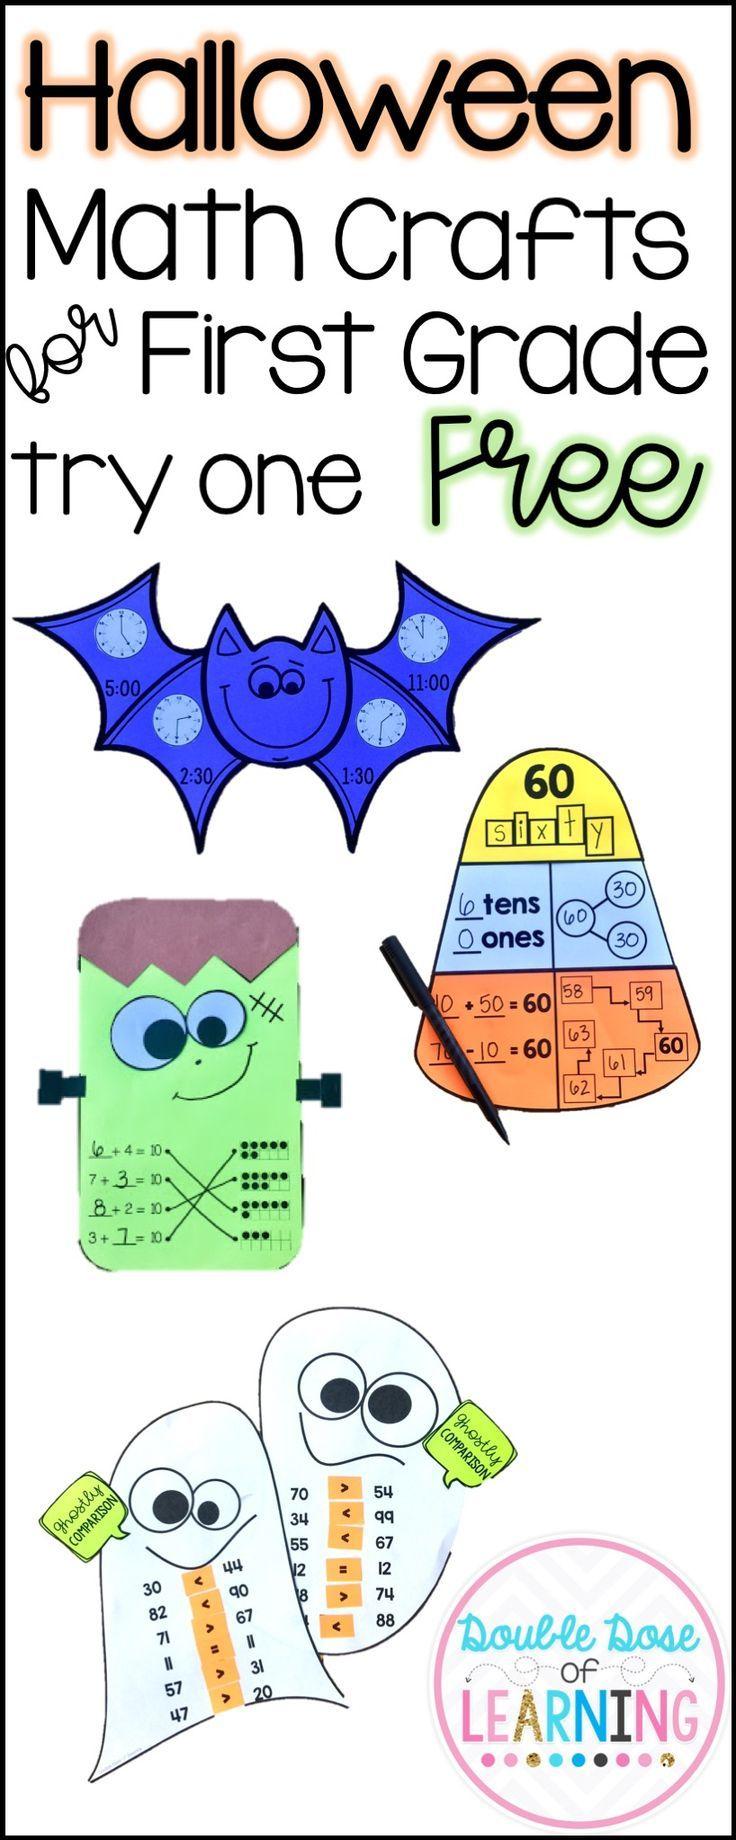 Halloween Math Crafts For First Grade Halloween Math Crafts Math Crafts Halloween Math [ 1840 x 736 Pixel ]